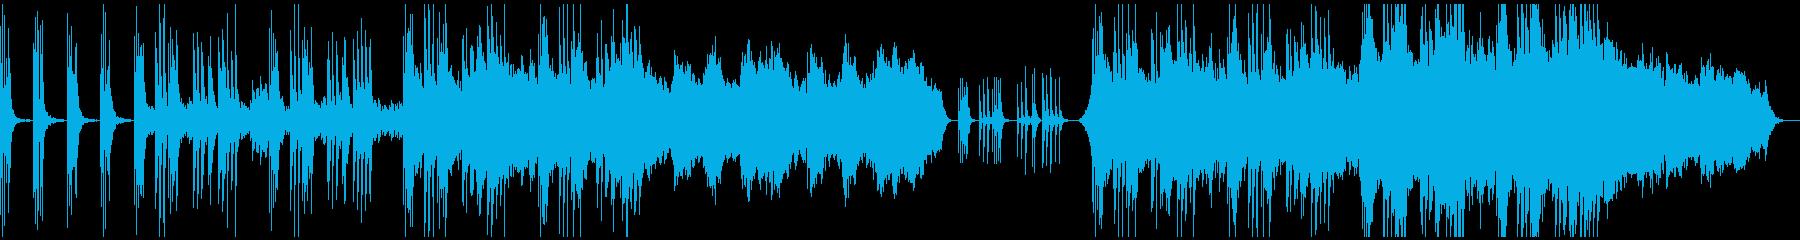 せつないピアノバラードの再生済みの波形